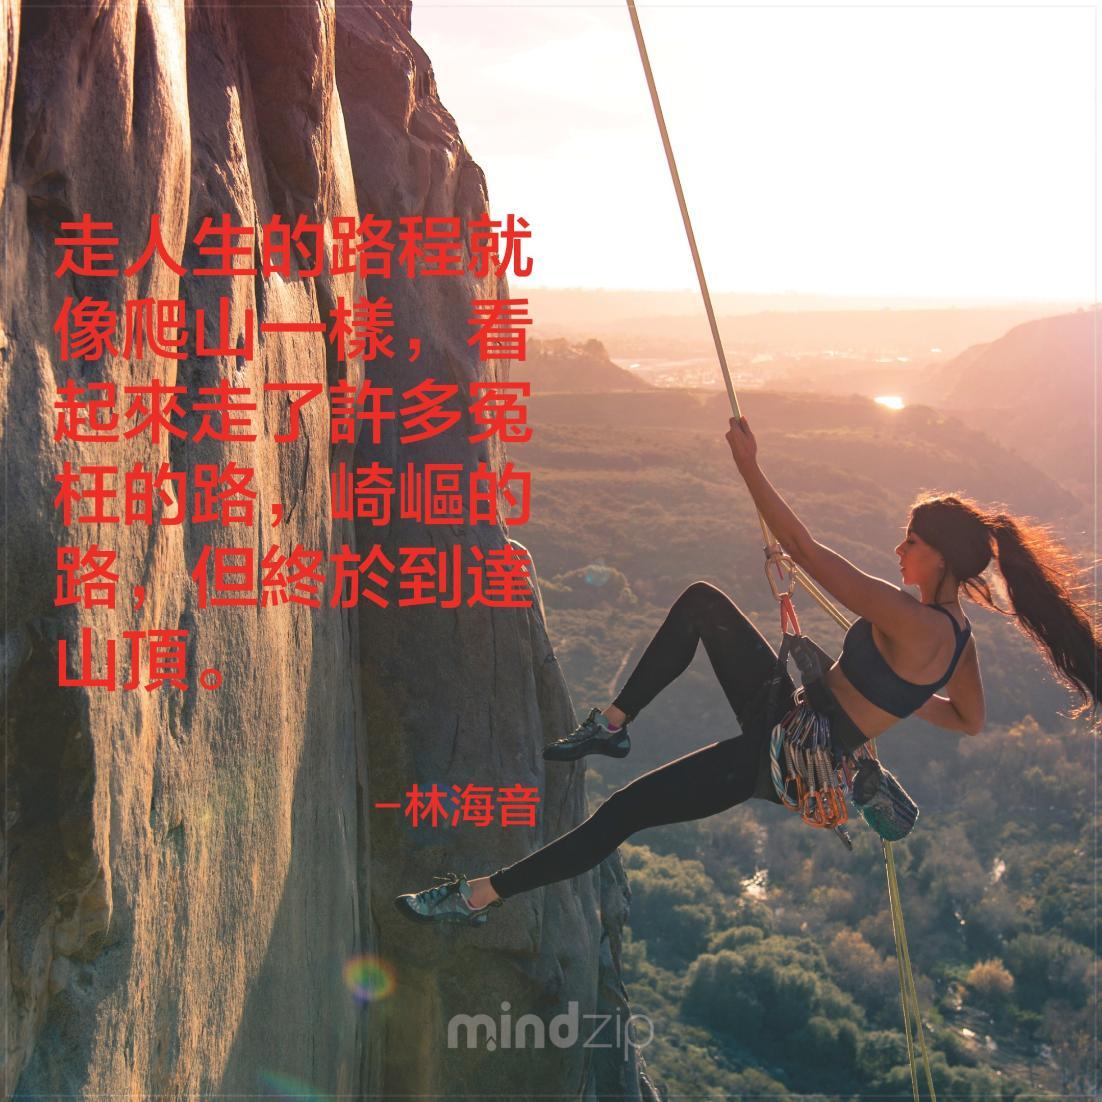 不管繞了幾個彎,只要努力不懈你最終會達到成功的目標! 快分享你的故事給我們! https://get.mindzip.net #林海音 #語錄 #語錄分享 #成功 #決心#目標 #激勵人心 #生活 #人生 #正面能量 #每日一句 #CitaPix #MindZip